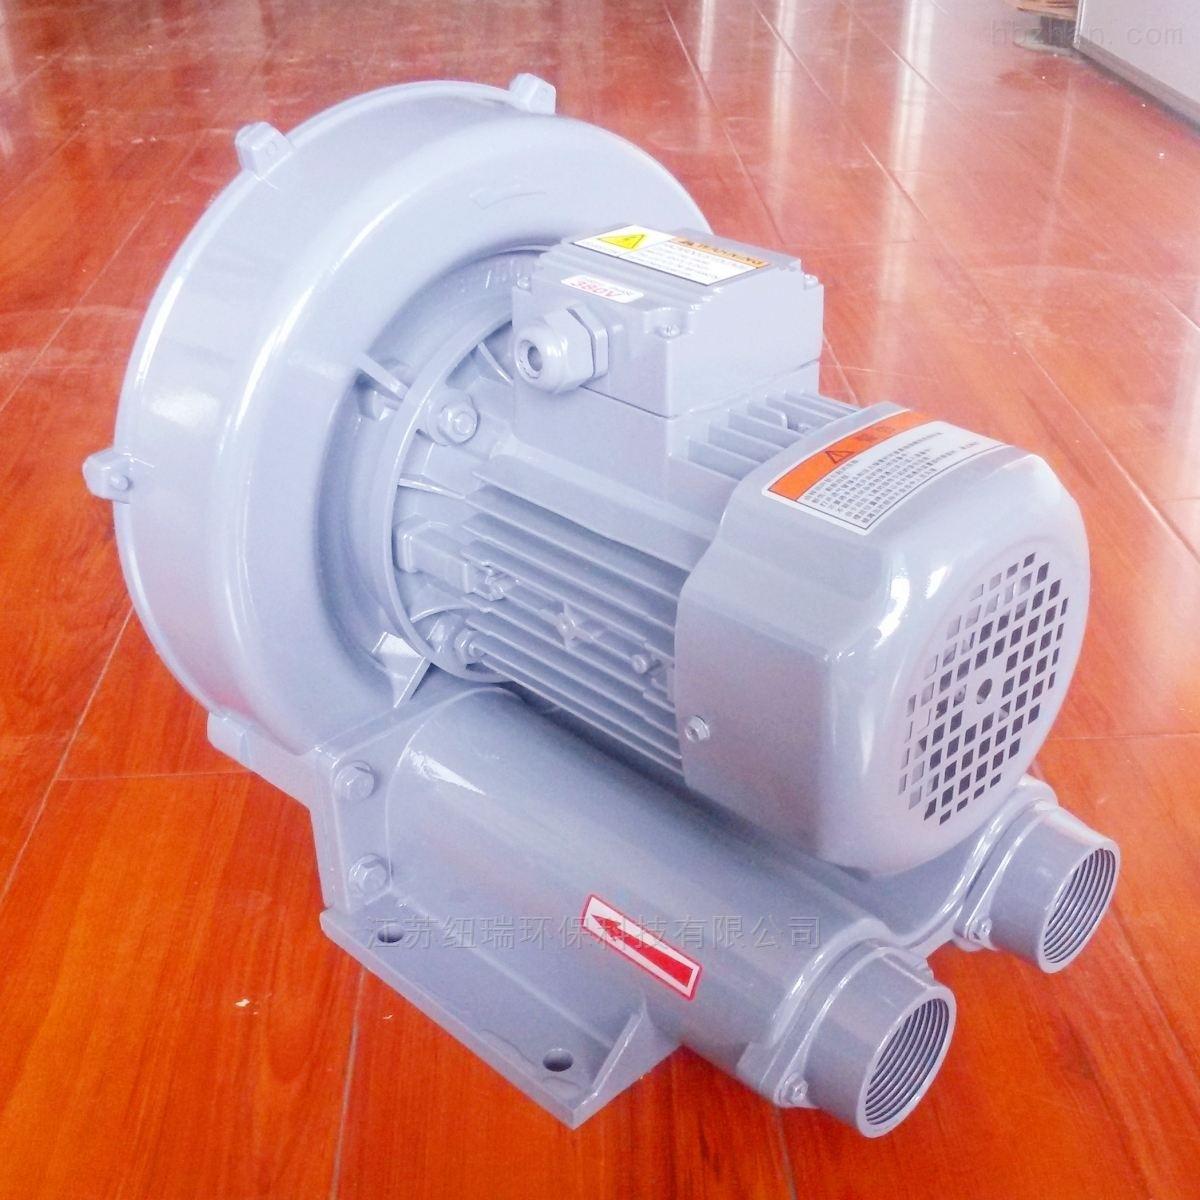 污水处理曝气旋涡气泵/旋涡风机